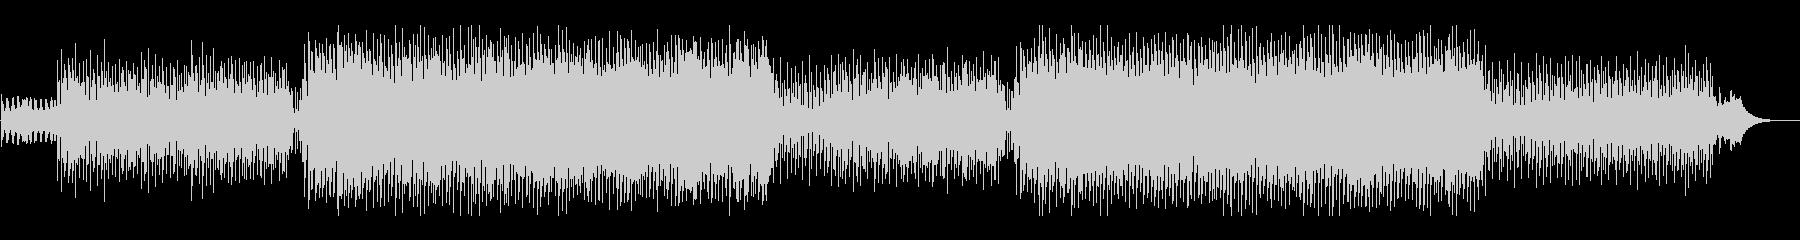 電子/ニューエイジ楽器。エキゾチッ...の未再生の波形